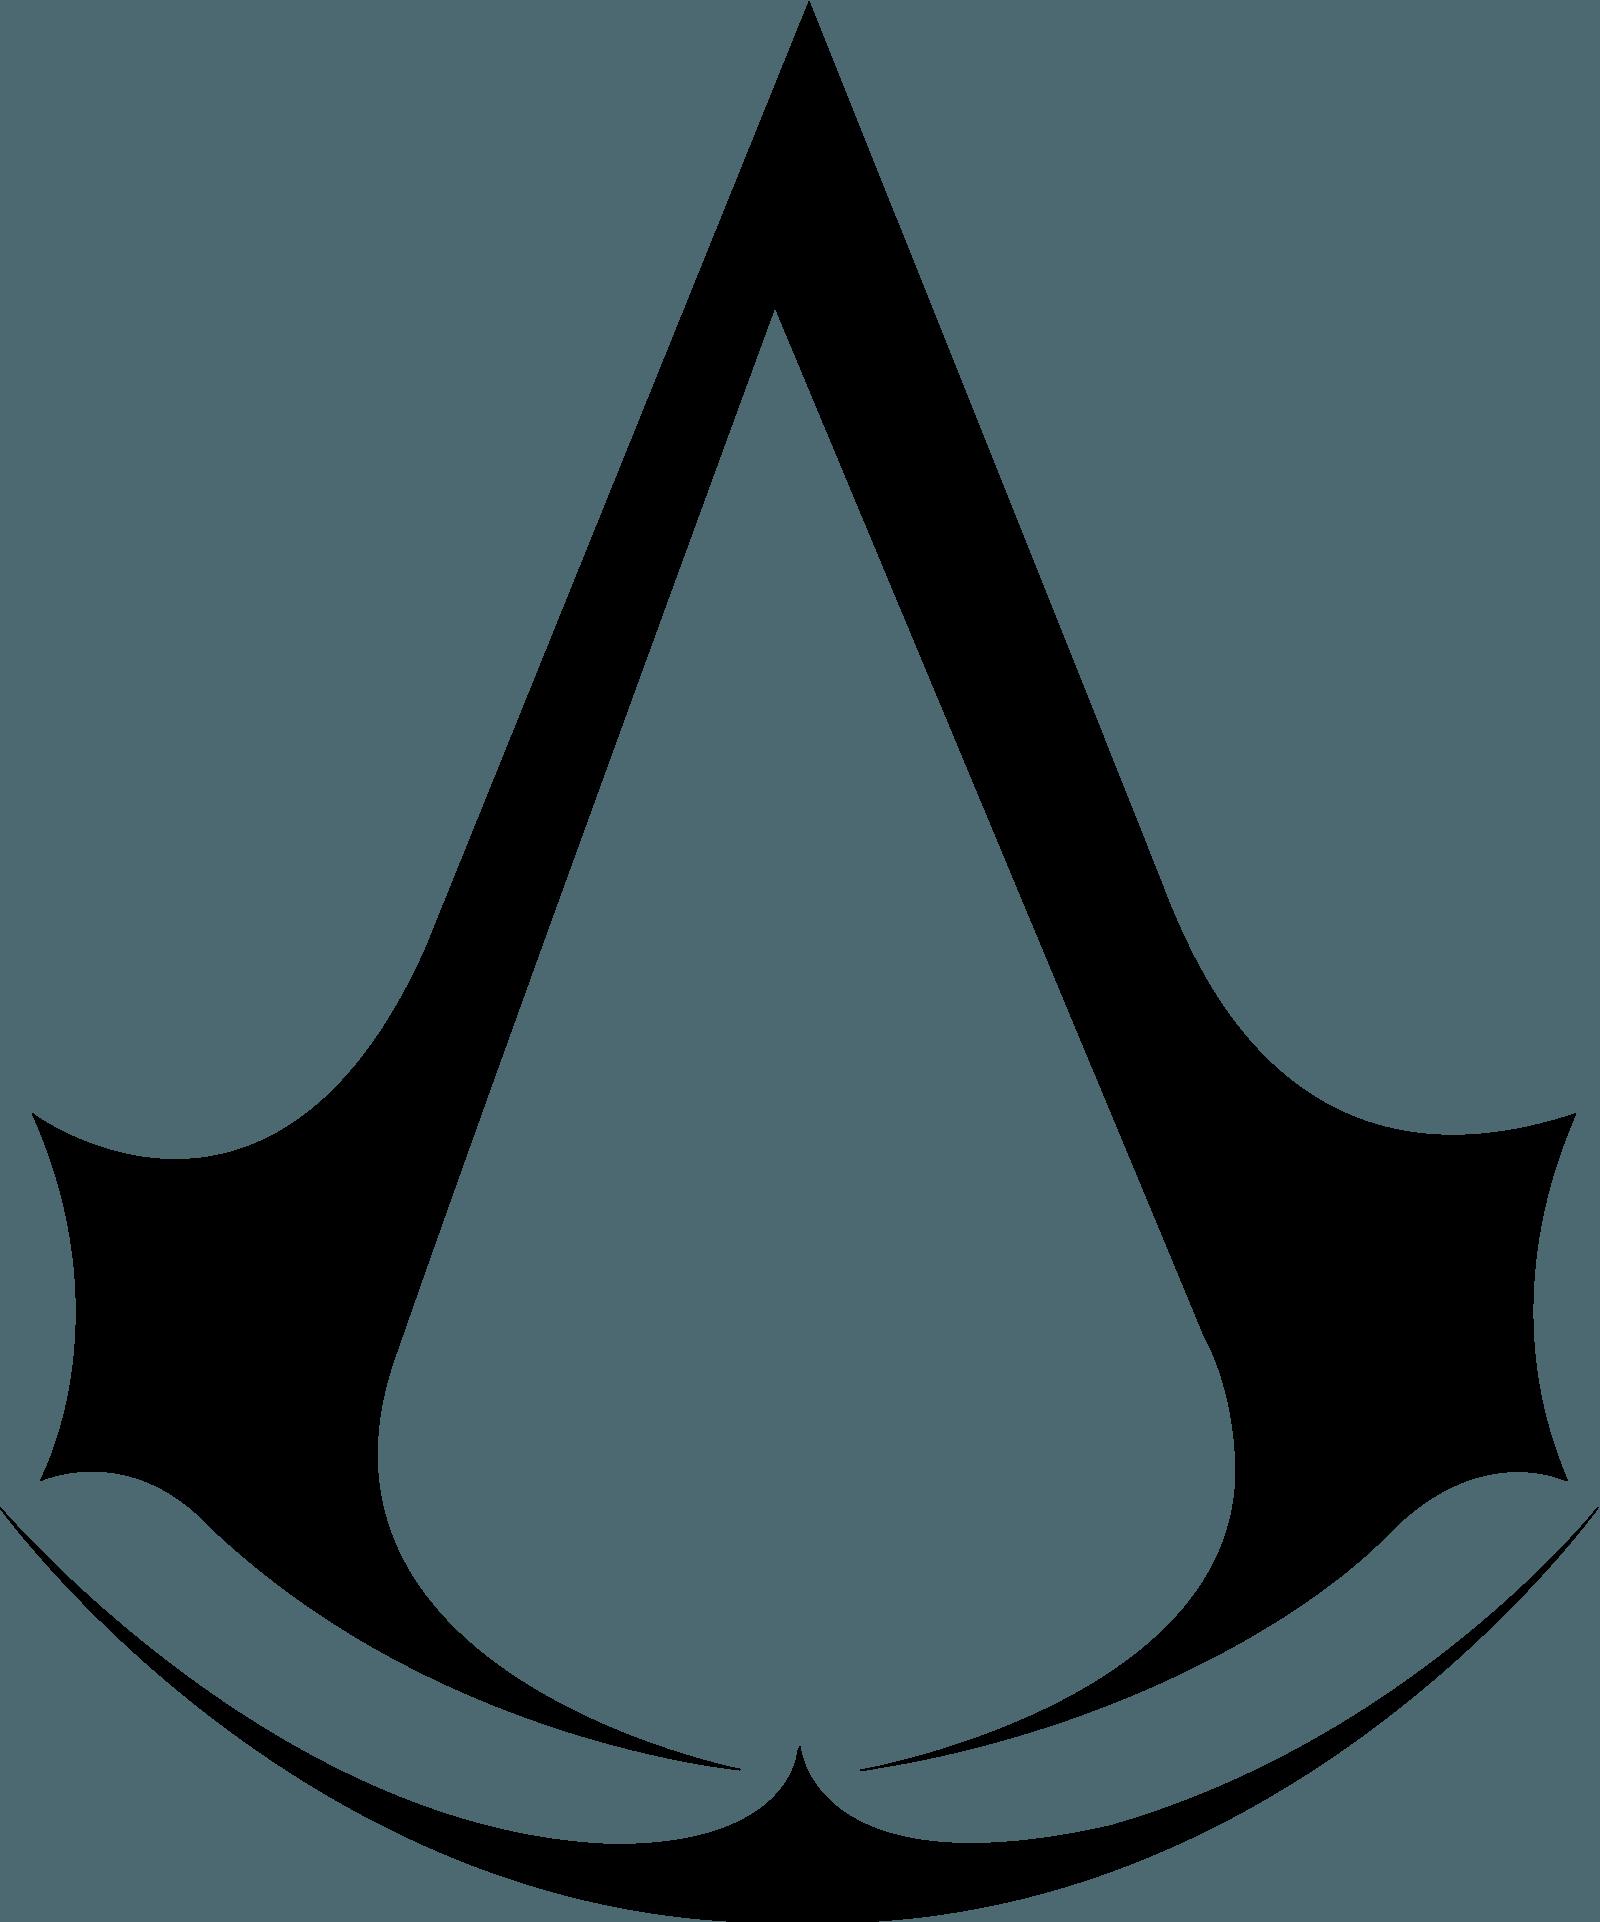 Afbeeldingsresultaat voor assassins creed logo